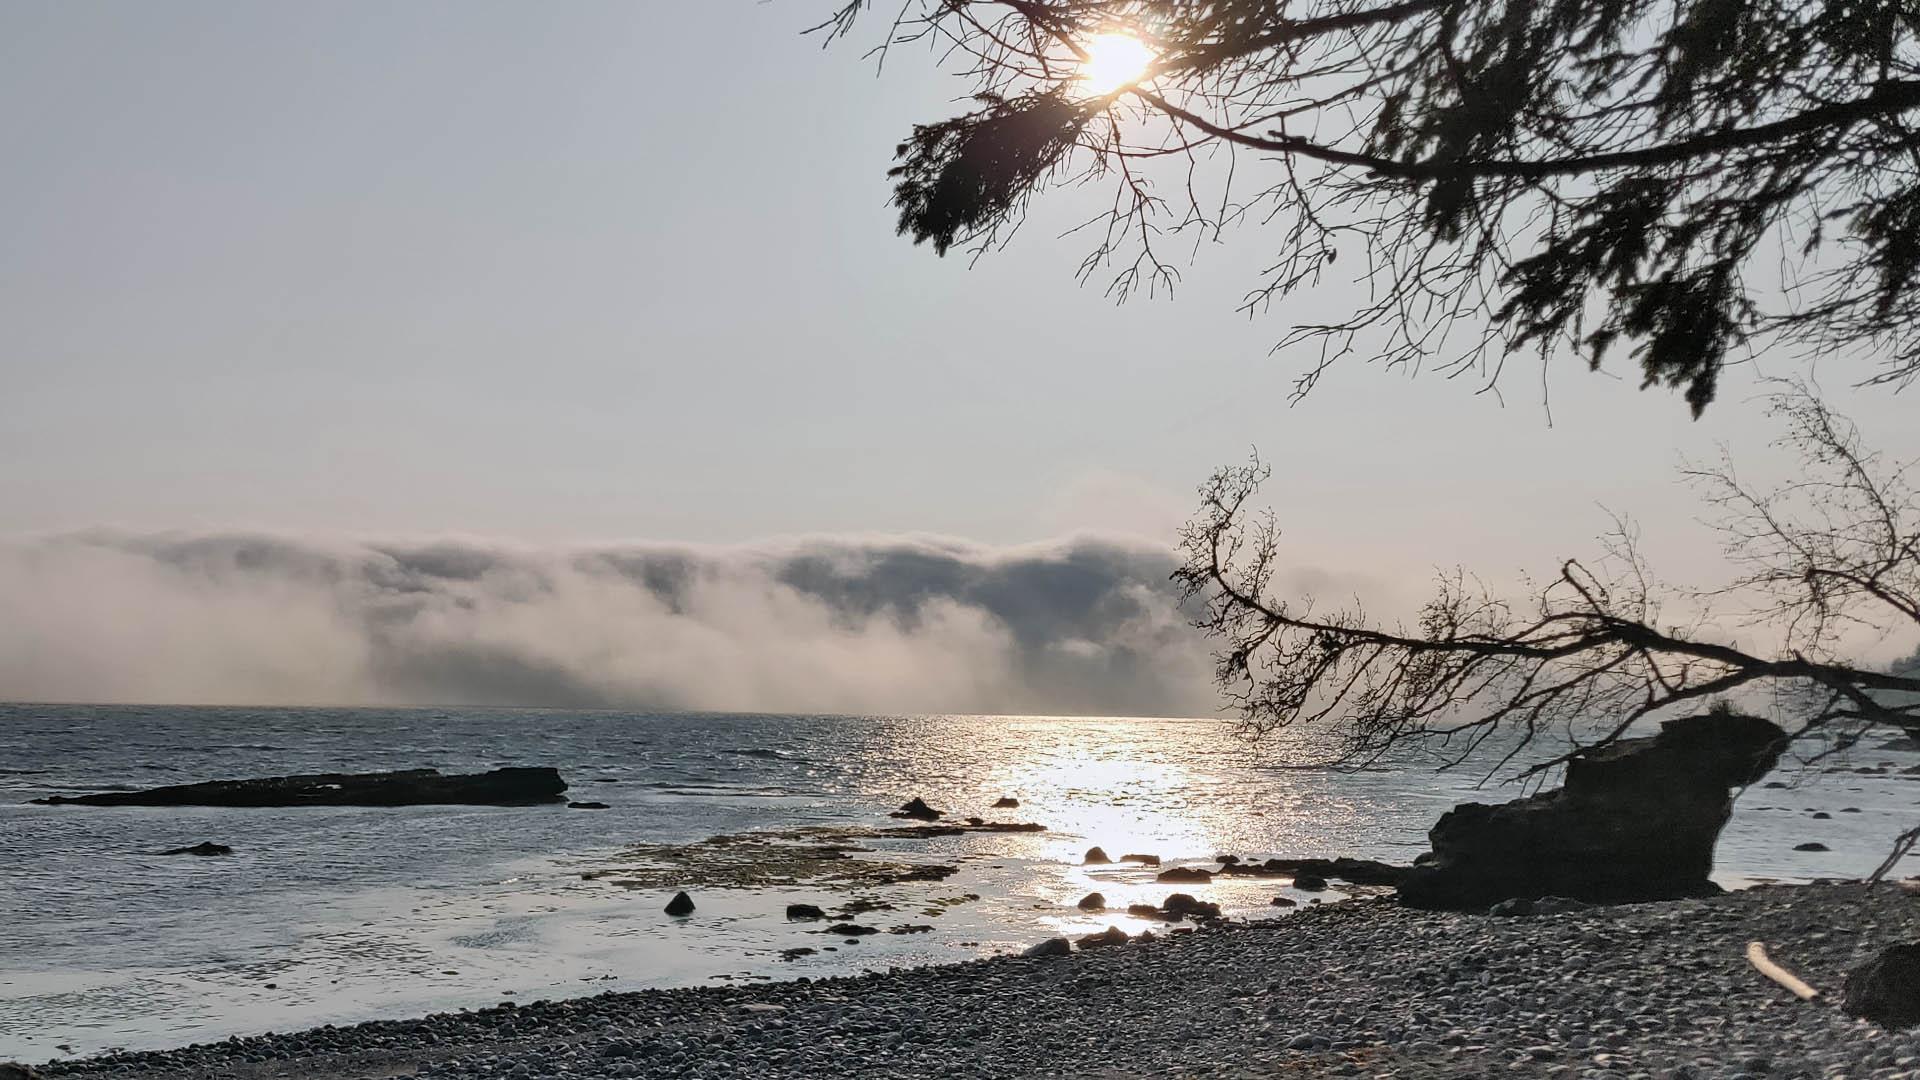 Rolling Fog in Juan de Fuca Strait - Hans van Bonthuis 2018